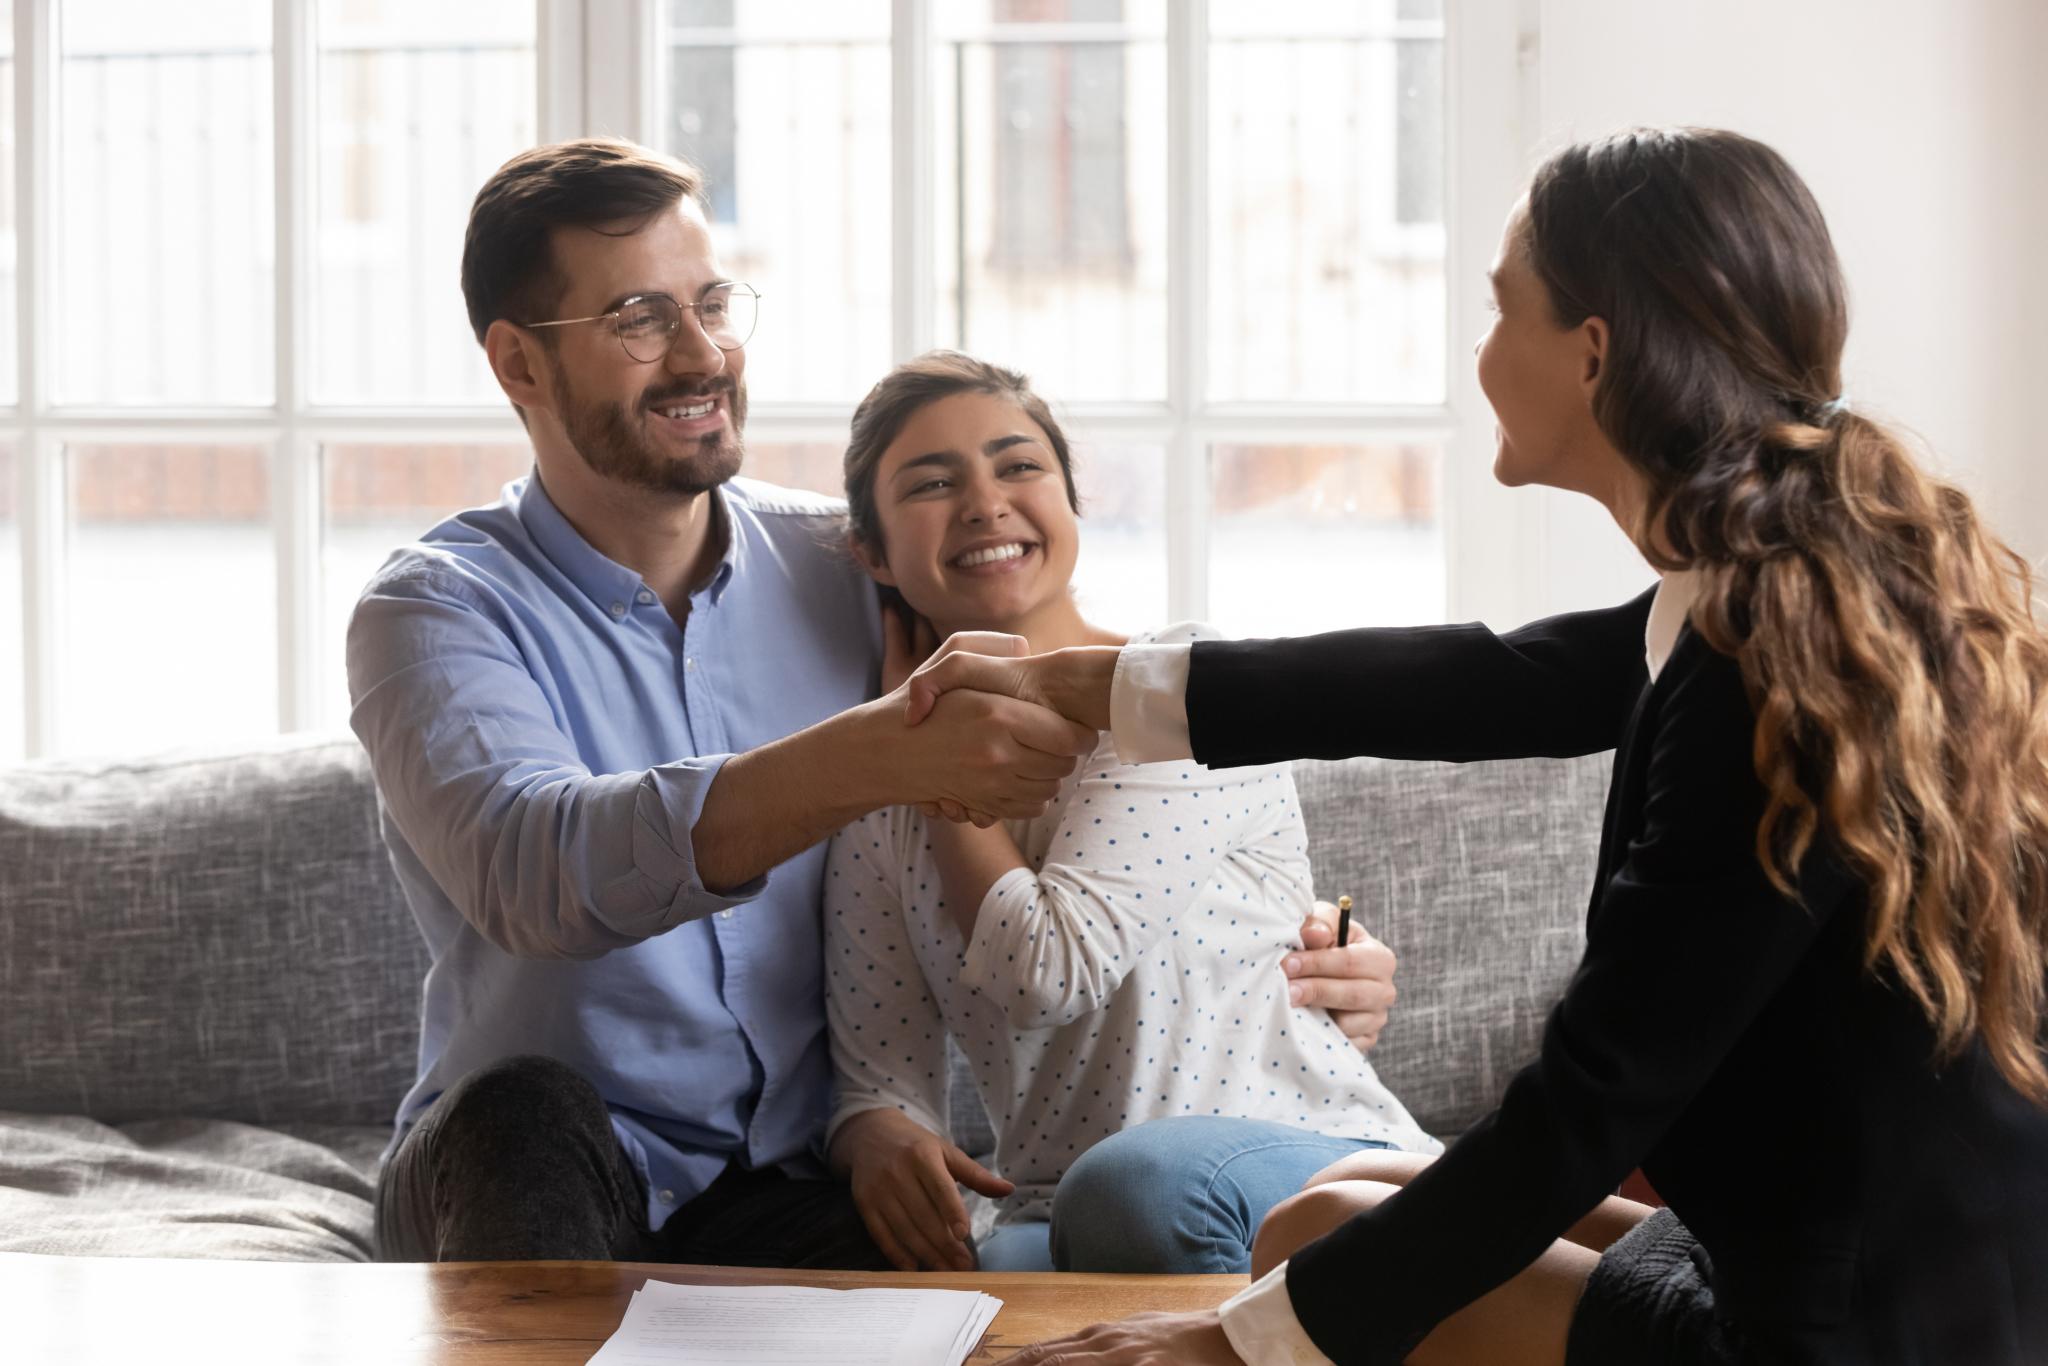 LVR Home Loans